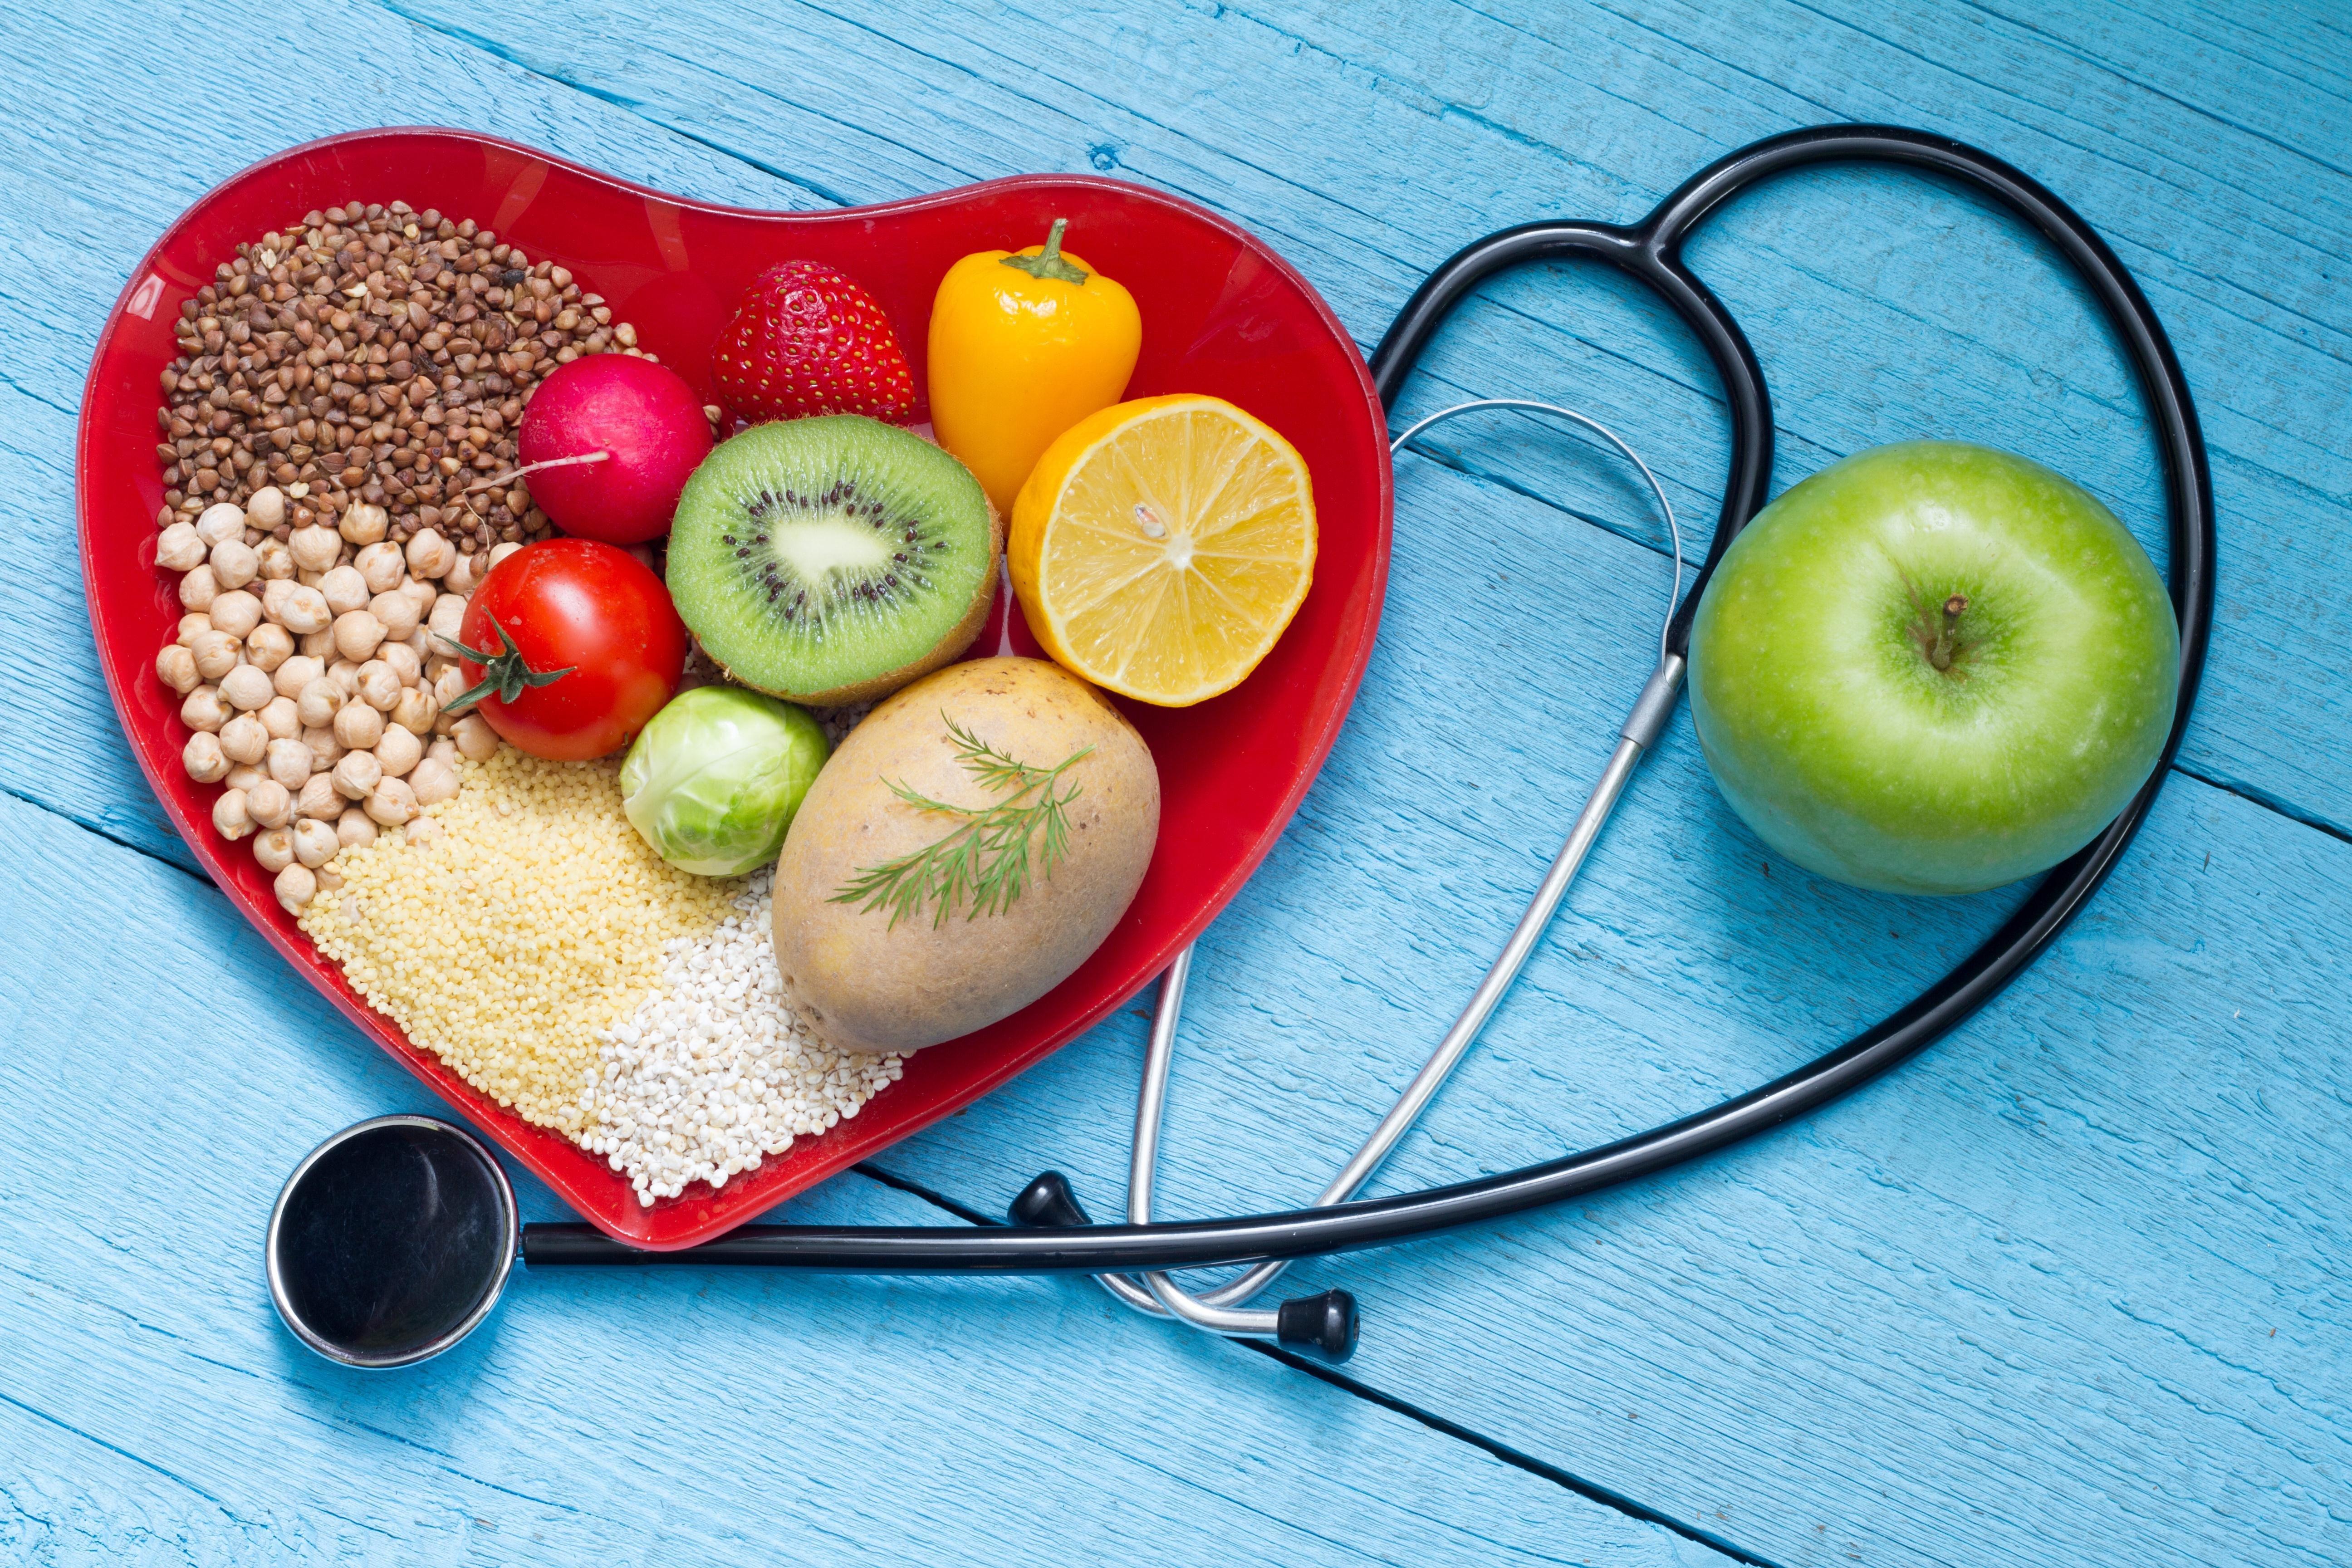 Restaurant Foods To Avoid For Diabetics